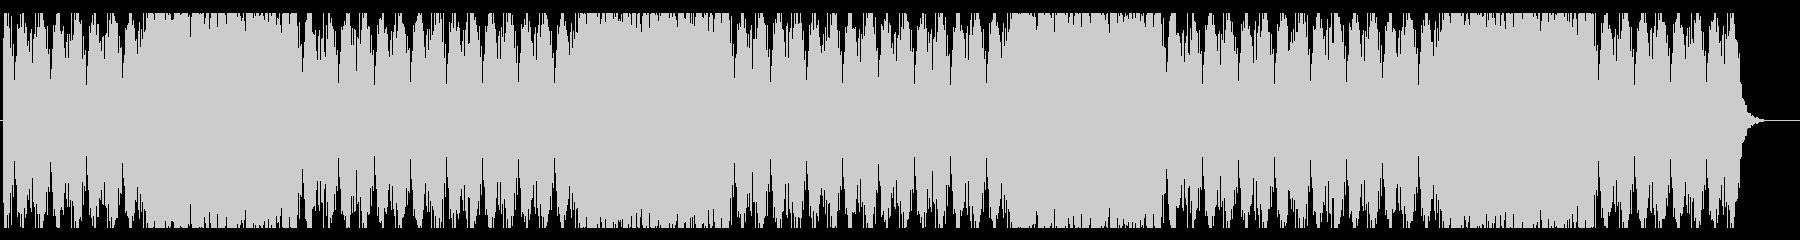 【オーケストラ】壮大なRPG戦闘曲の未再生の波形